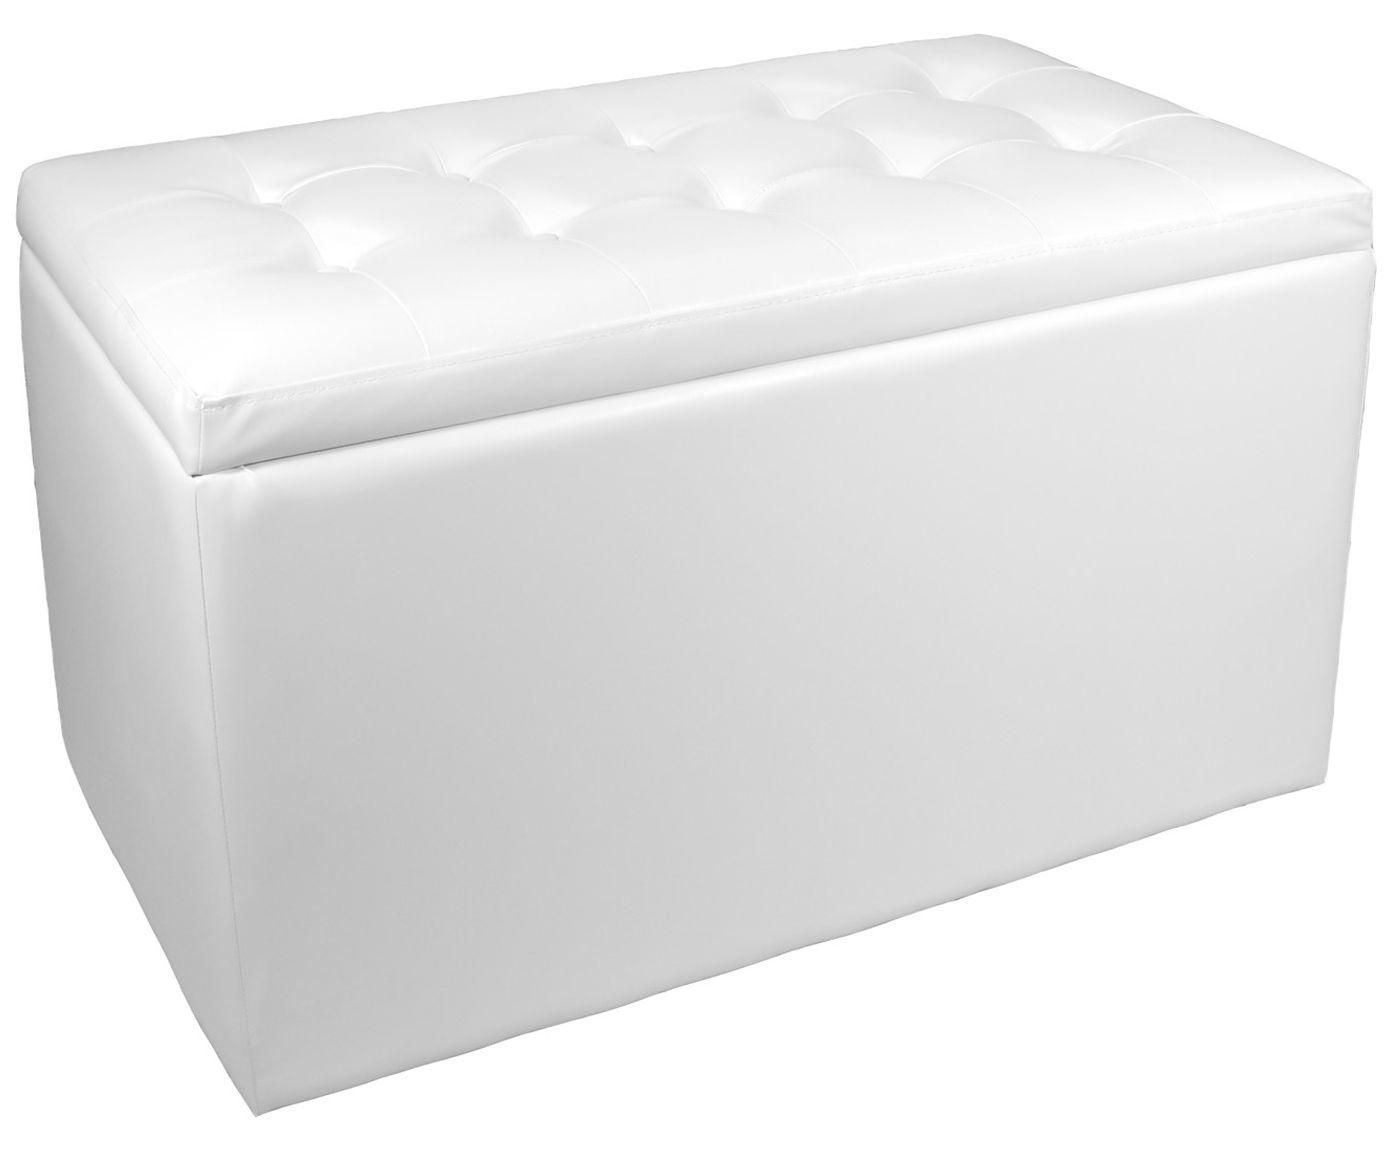 Sitzbank Schlafzimmer ~ Ganz egal ob im flur im badezimmer oder schlafzimmer diese